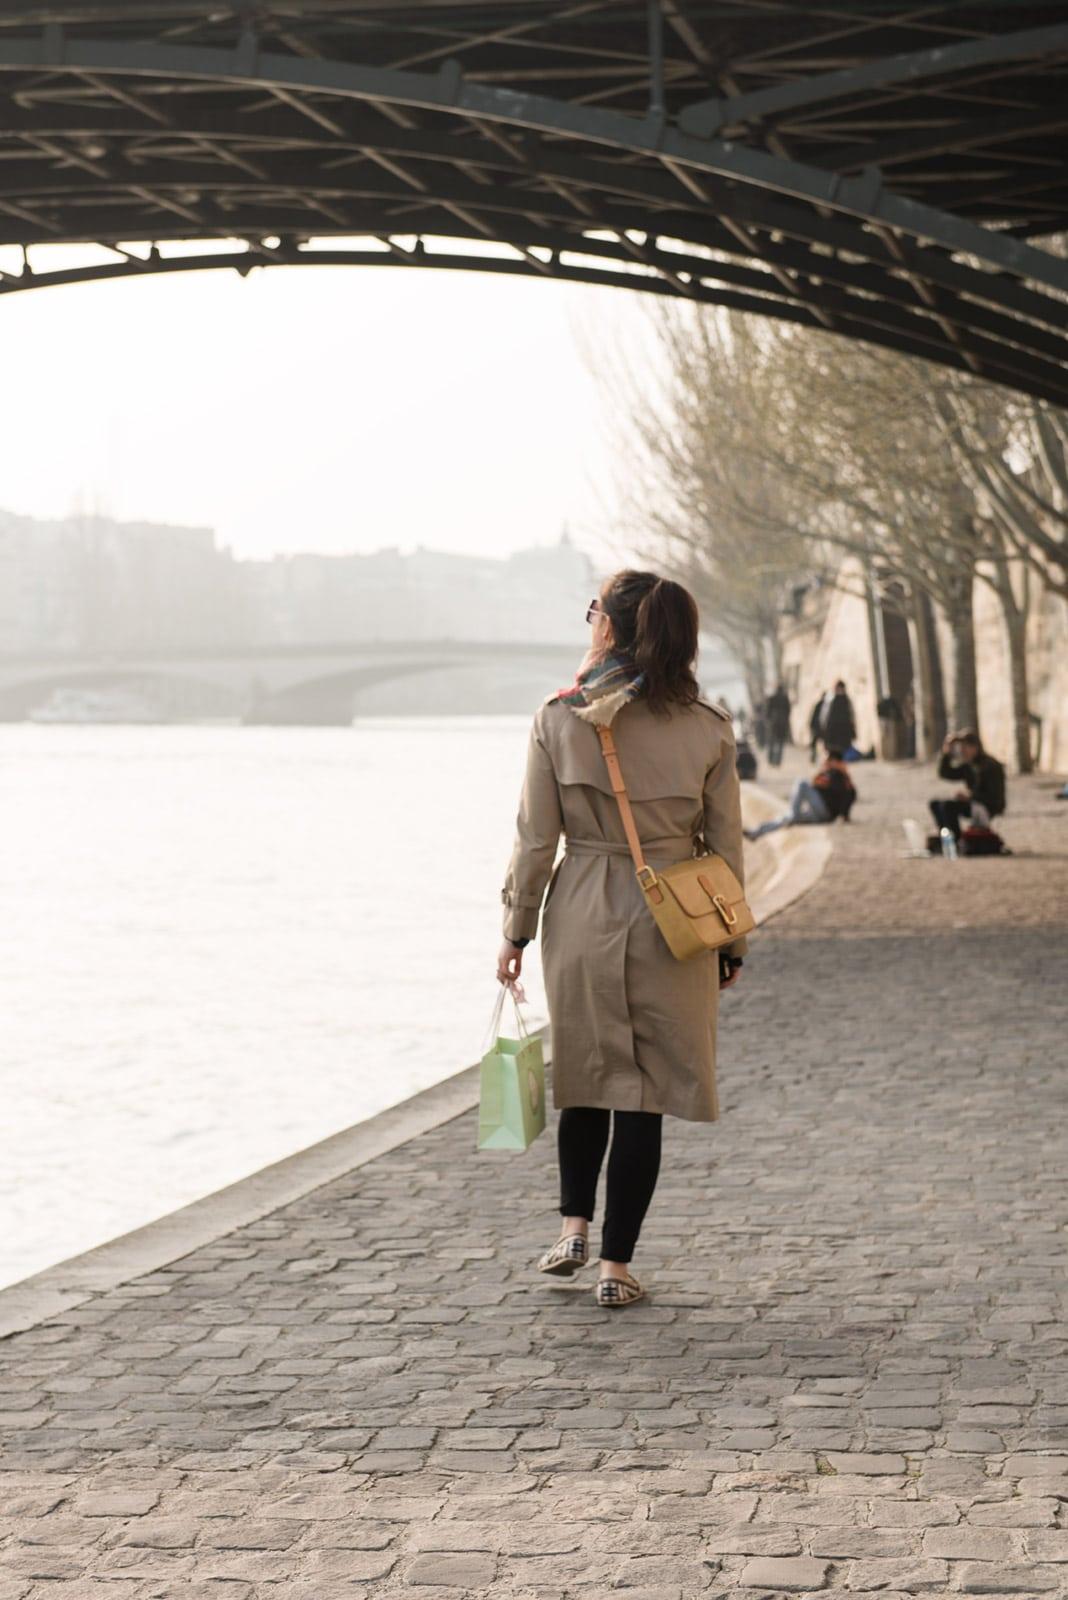 20150319 6581 - Paris